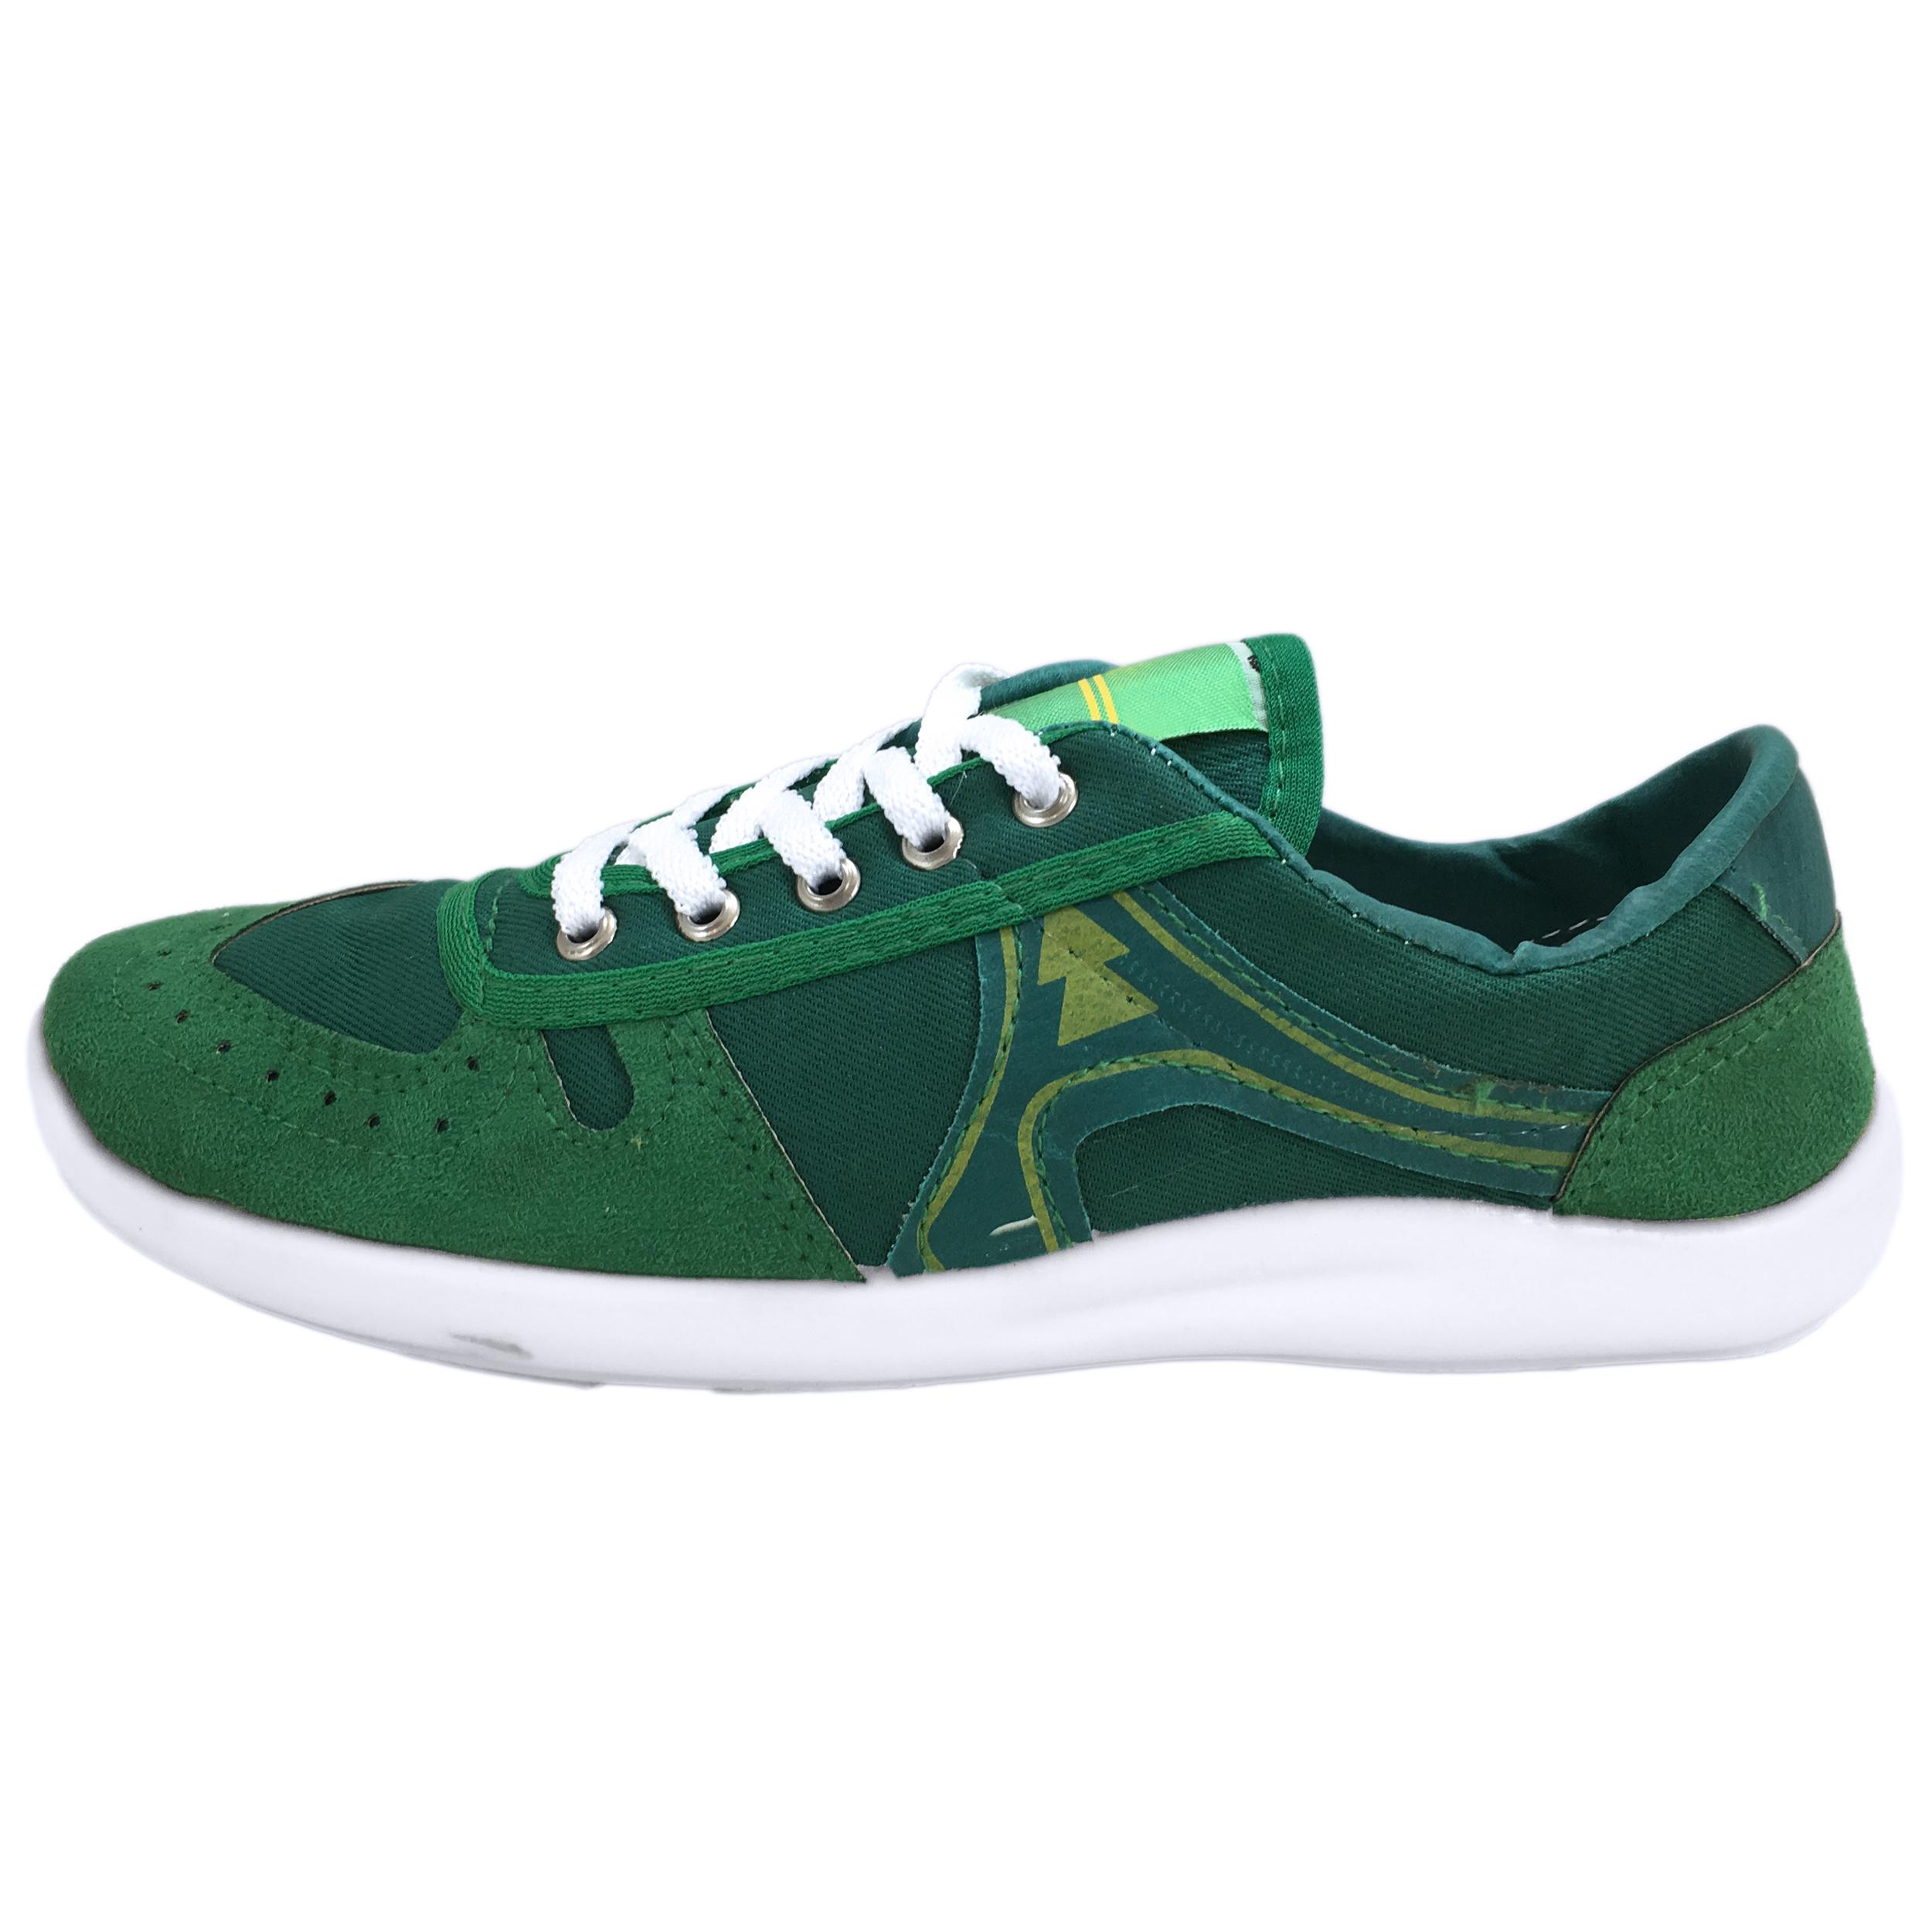 کفش فوتسال مردانه مدل الفا کد 3014